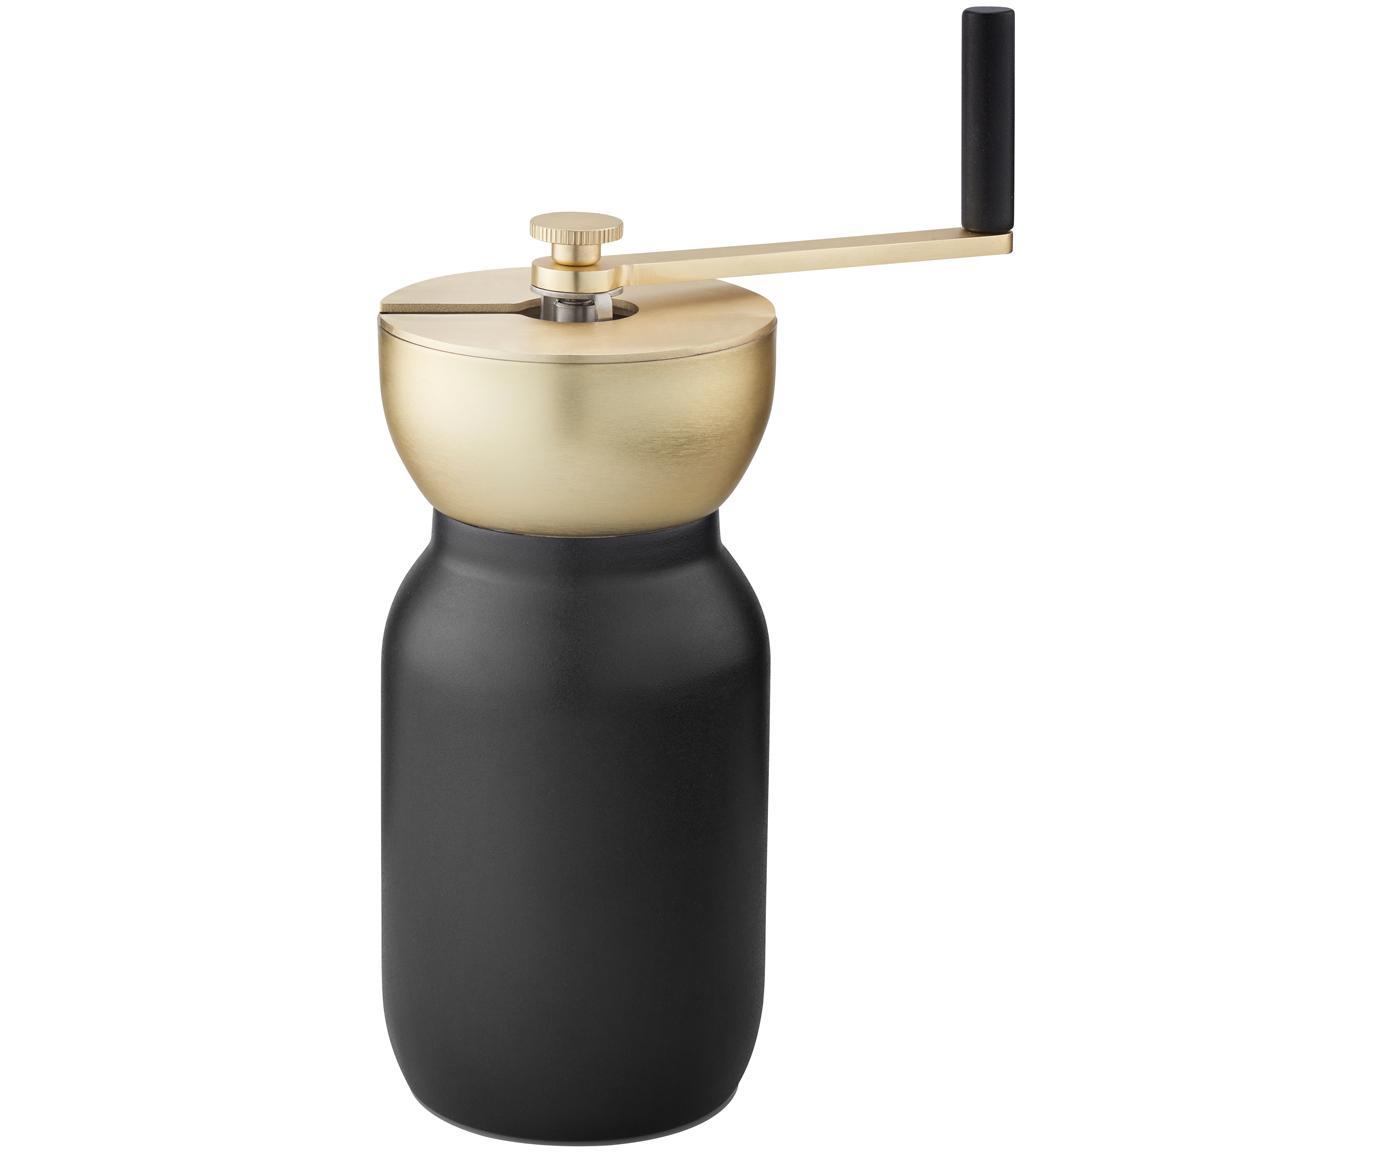 Młynek do kawy Collar, Stal nierdzewna, powlekana teflonem, mosiądz, Czarny, Ø 10 x 18 cm